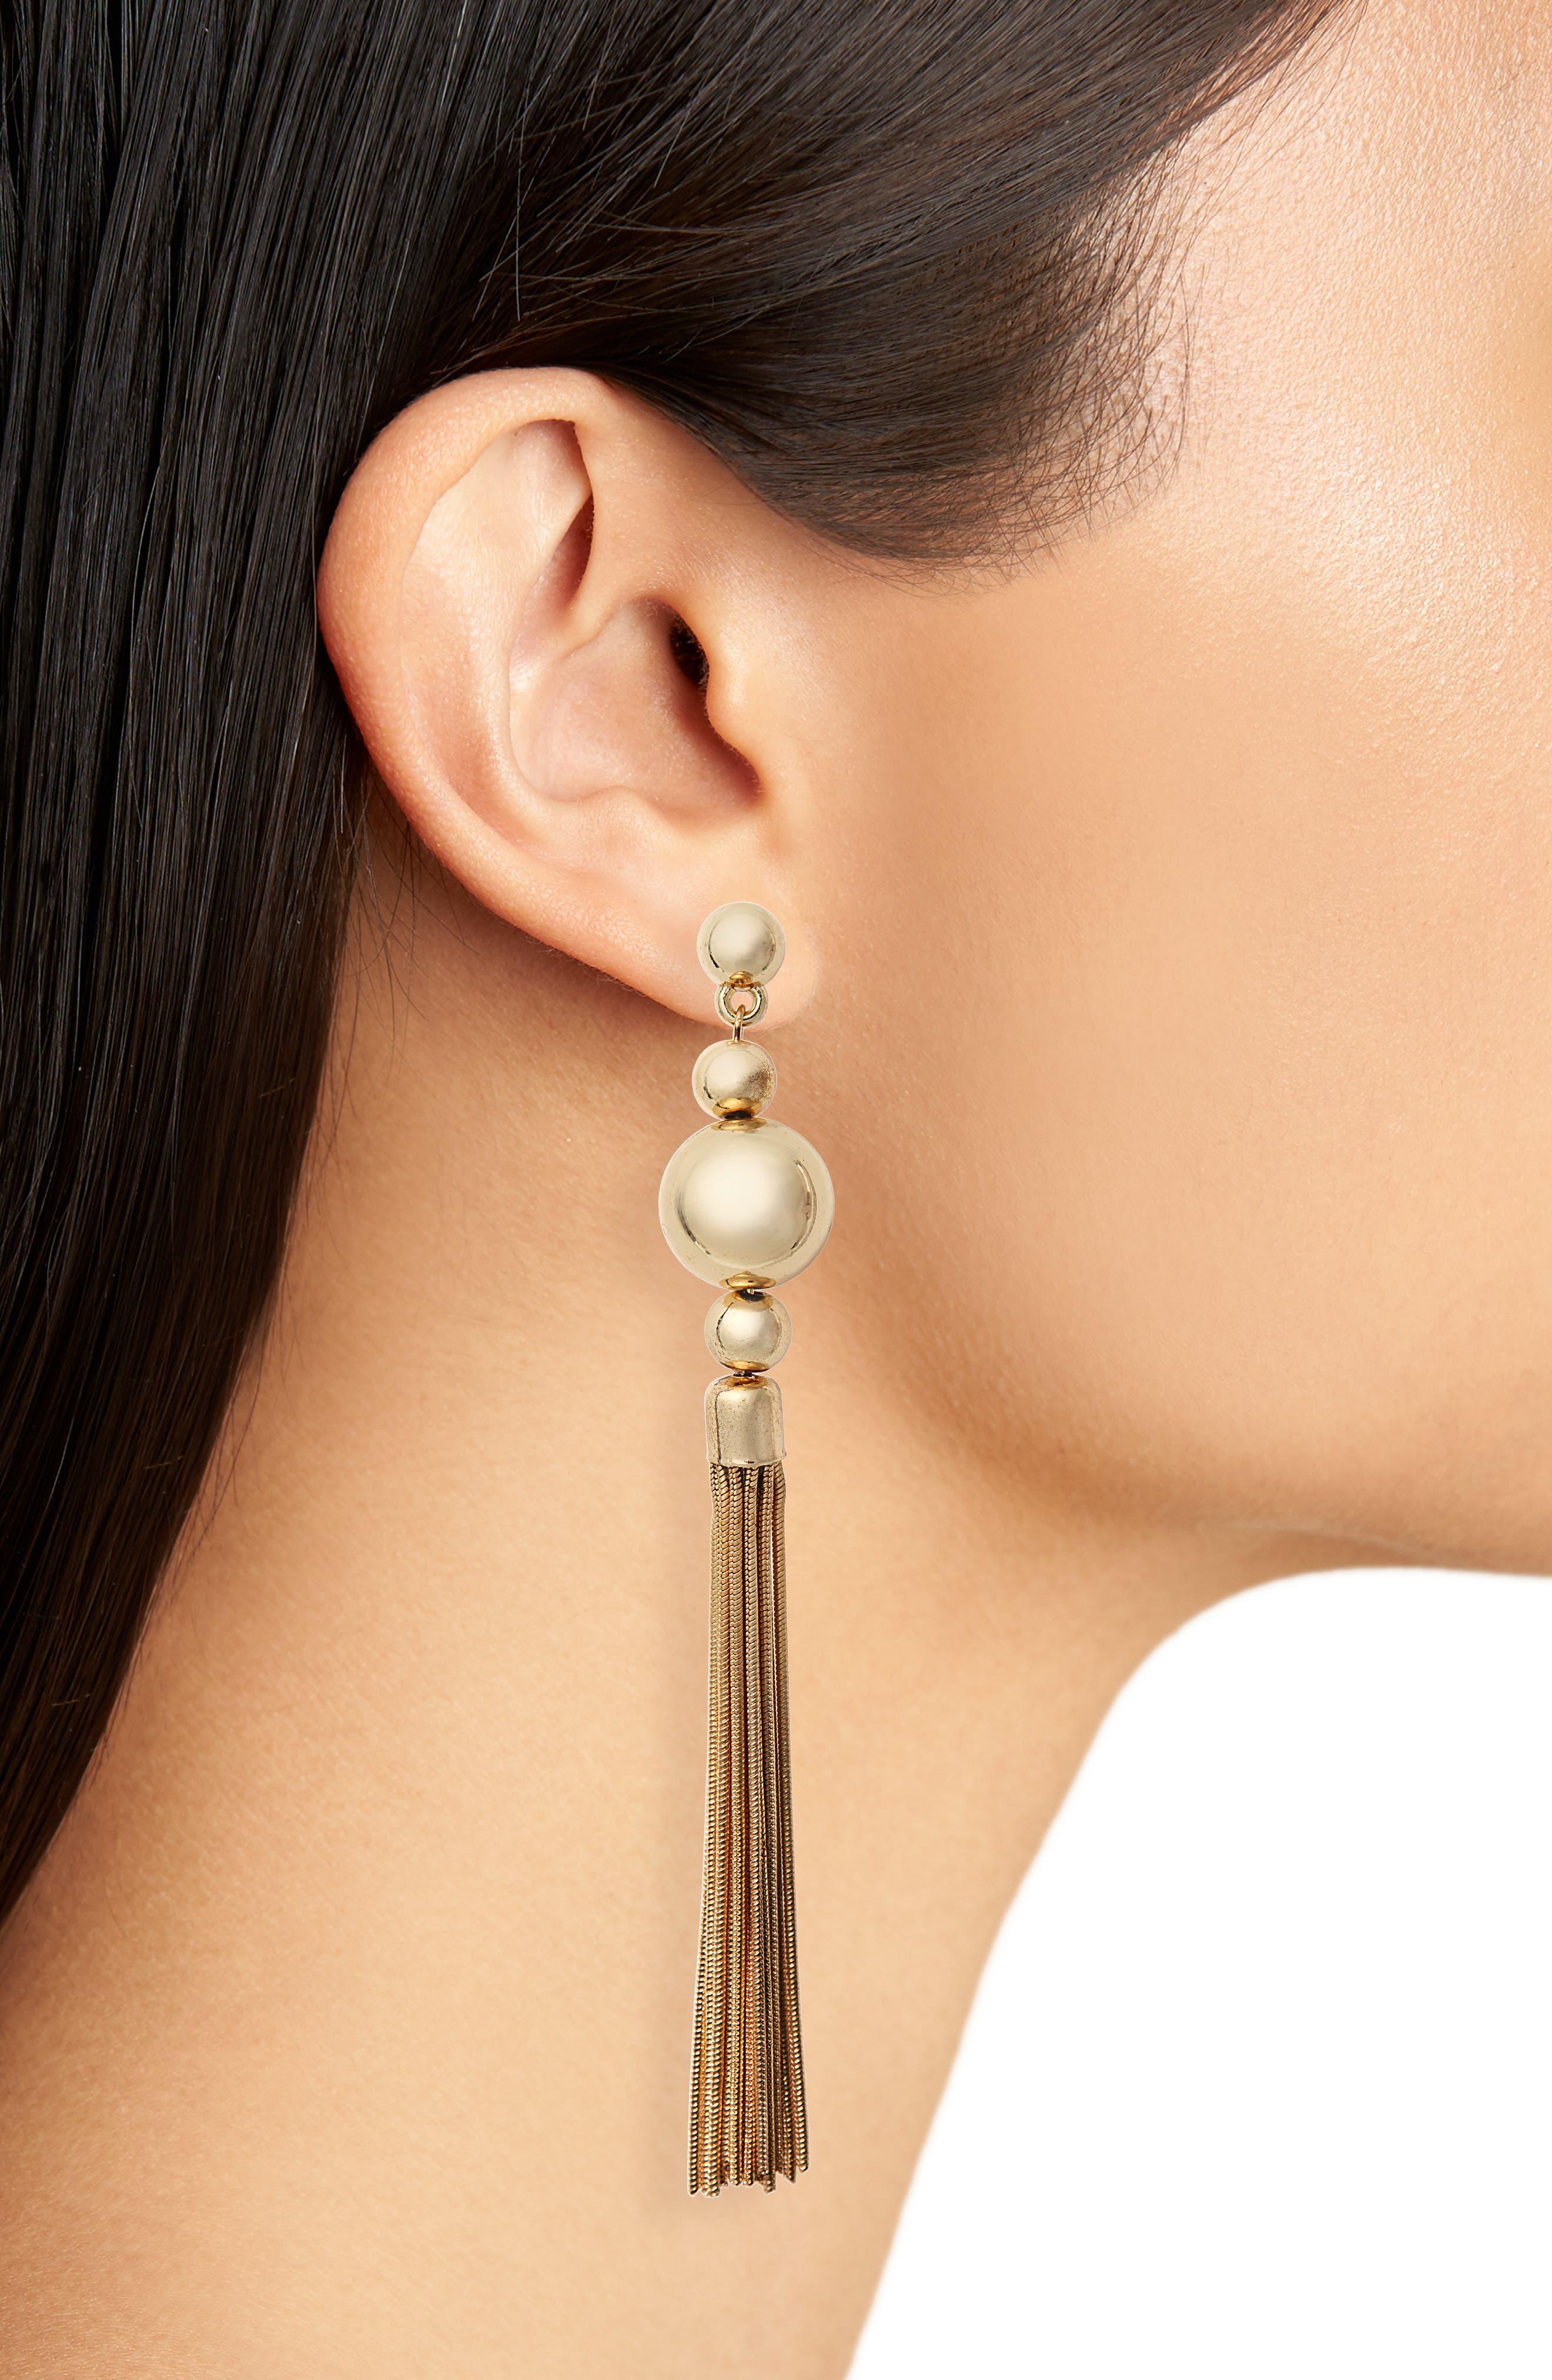 Ball Snake Chain Tassel Earrings,                             Alternate thumbnail 2, color,                             710